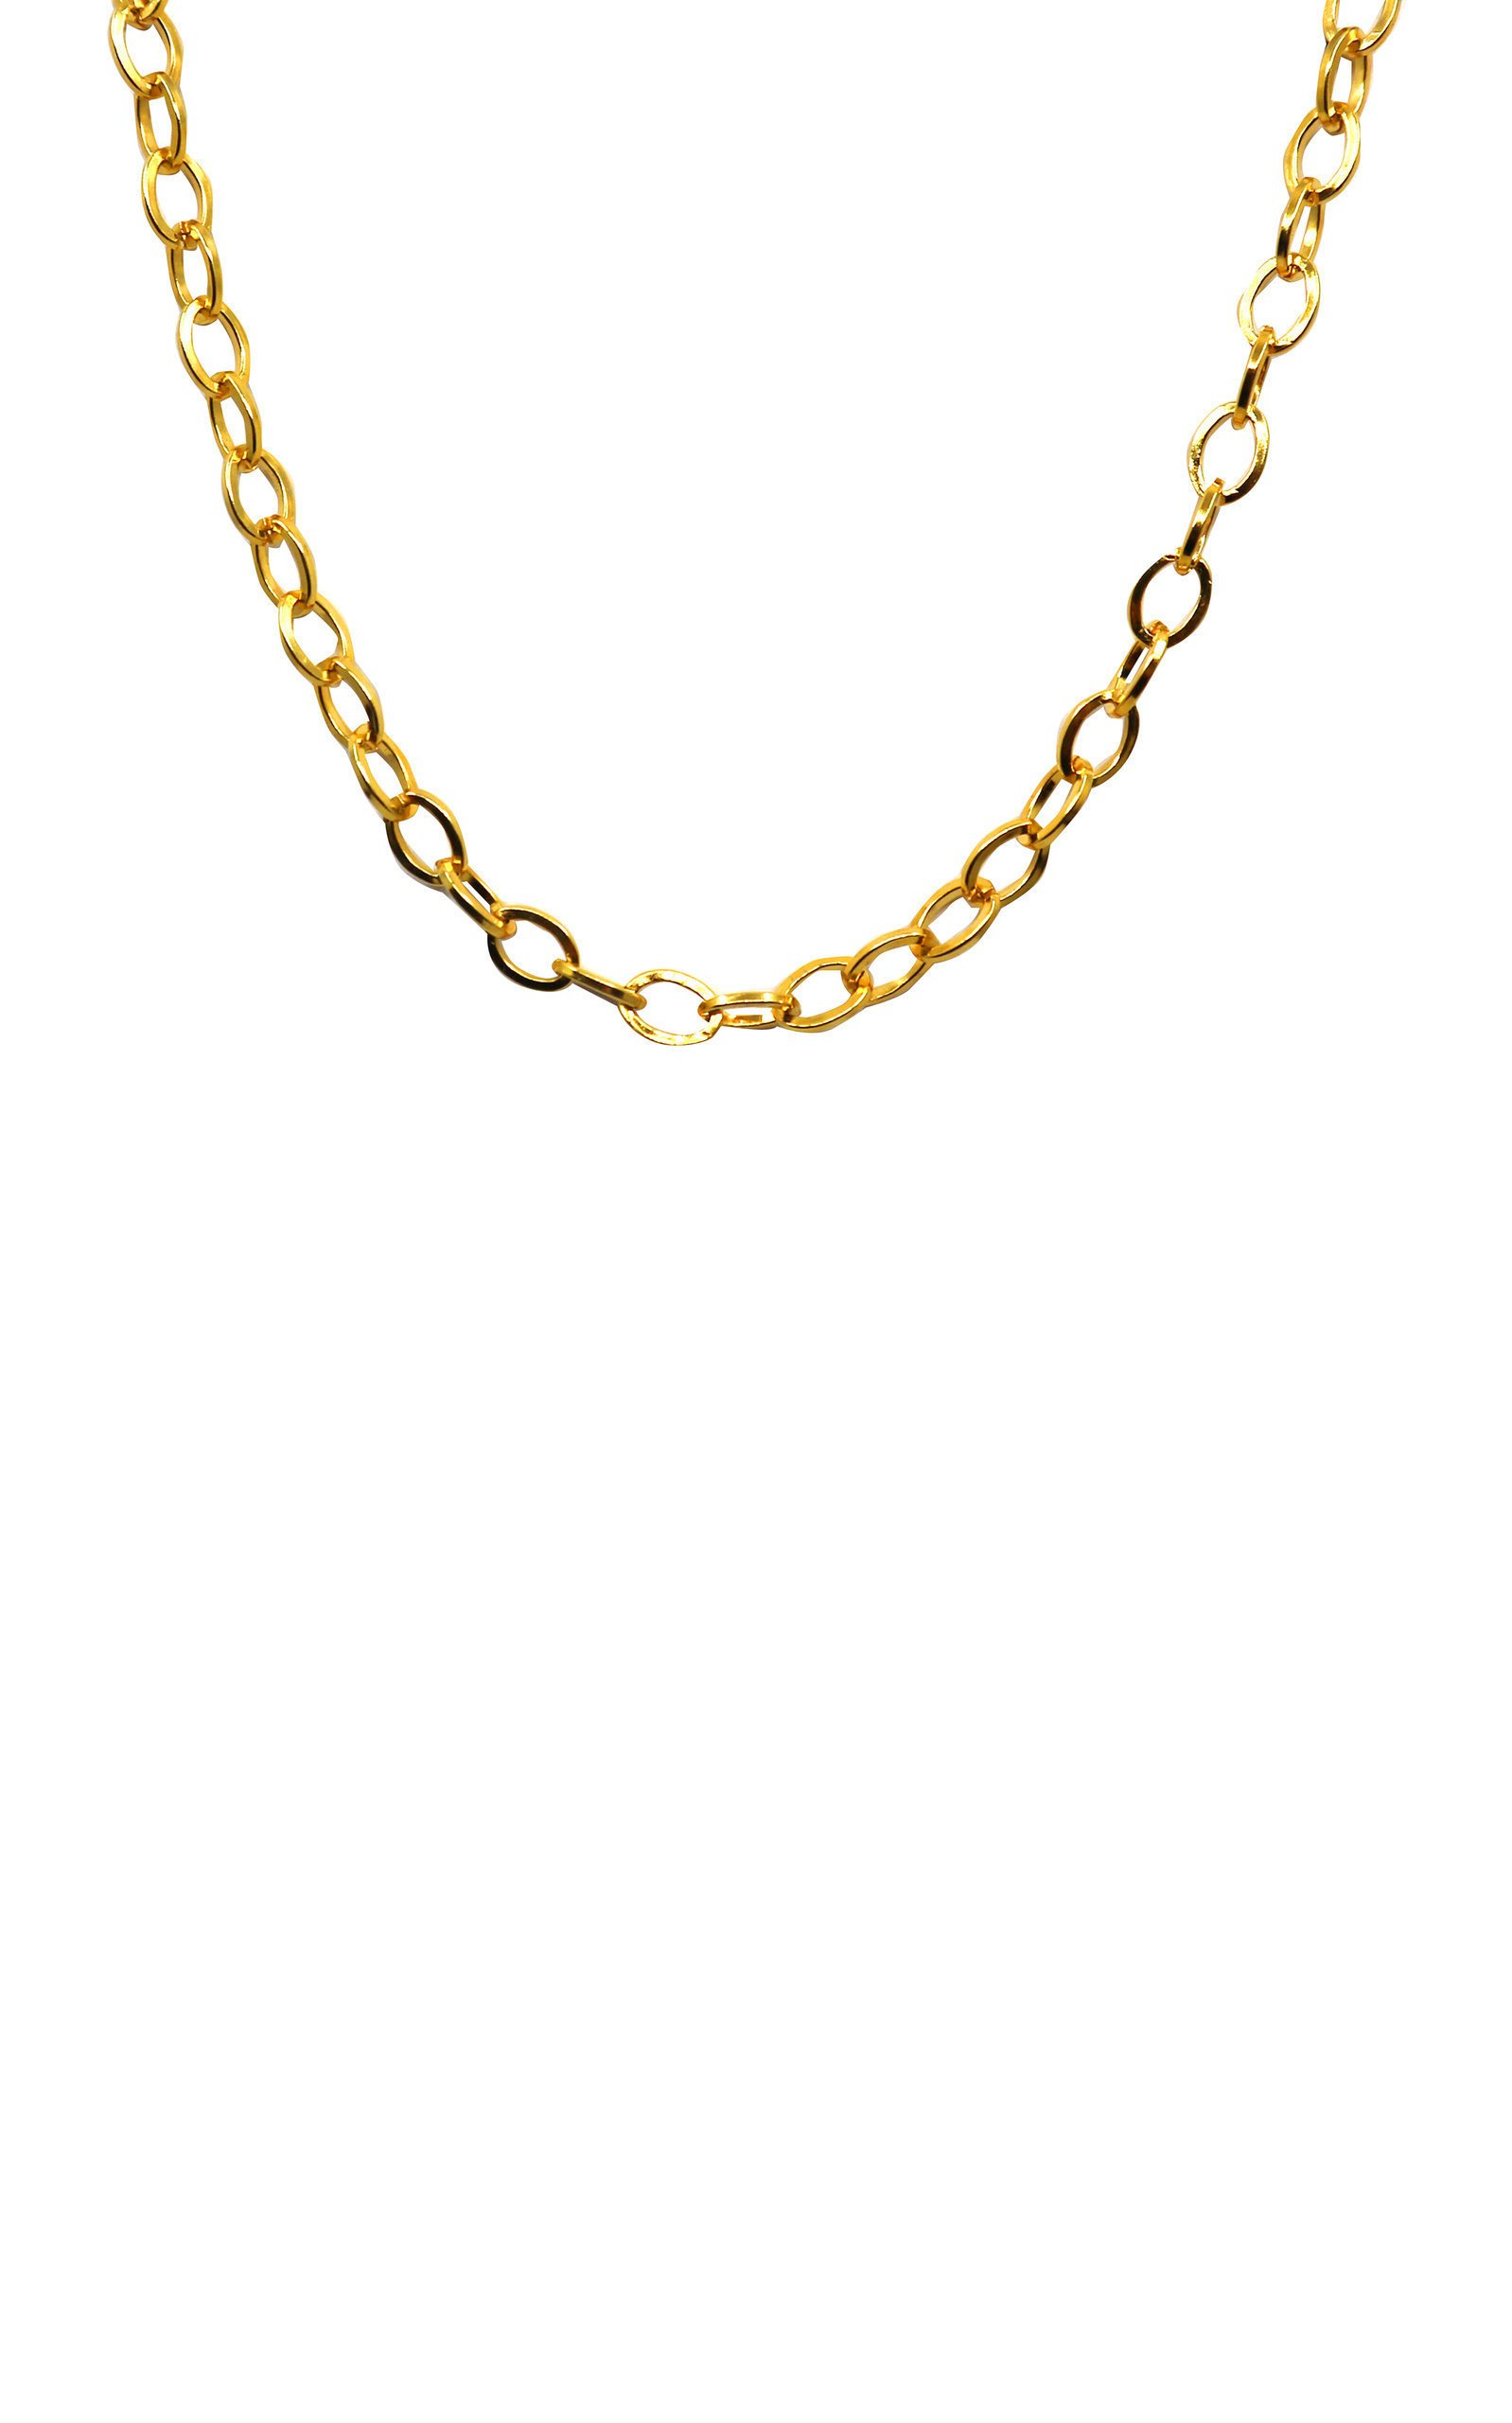 Petite Grand x Bondi Born Roscoe Chain Necklace